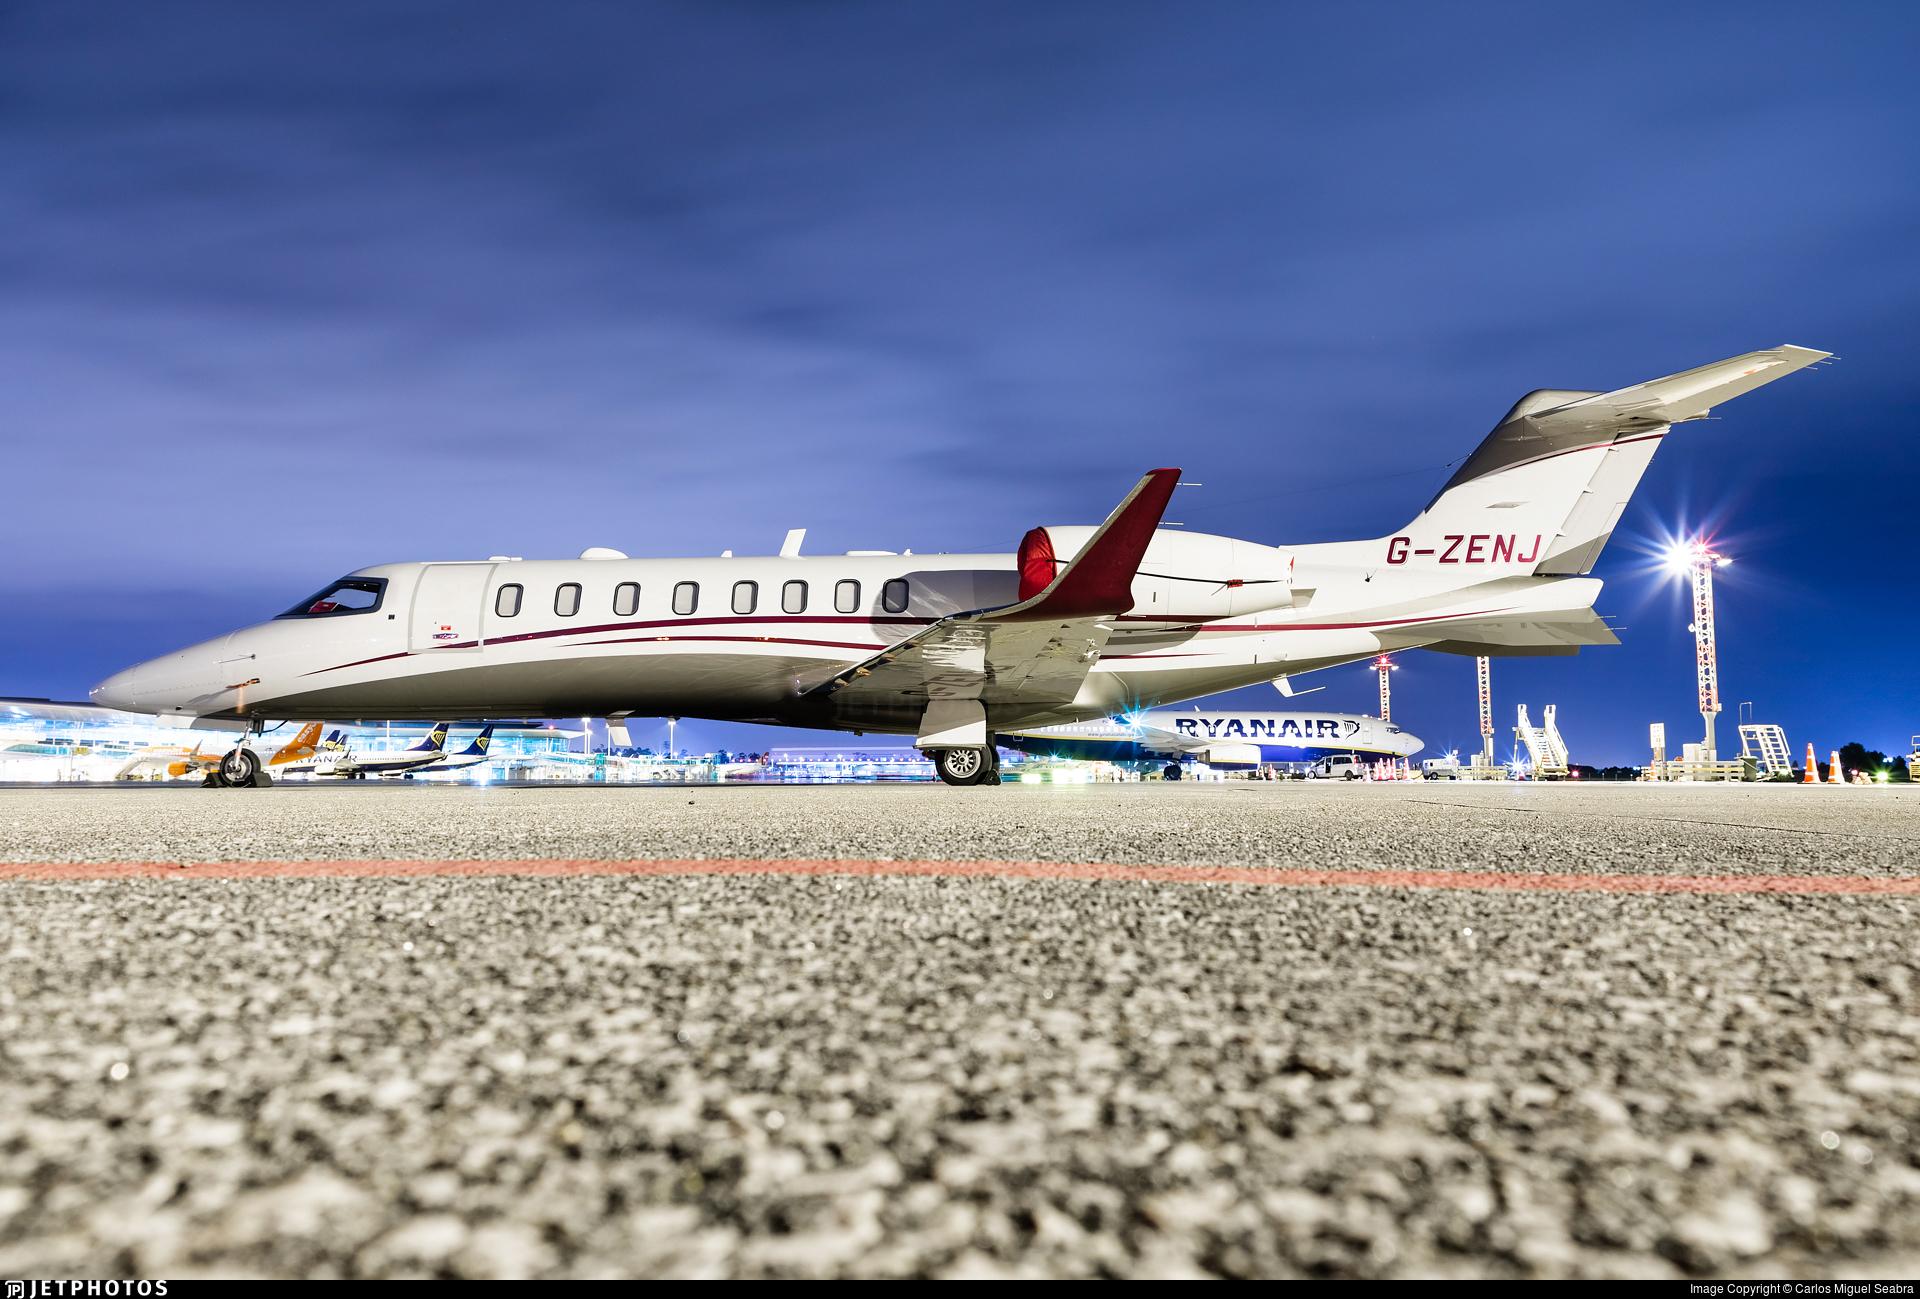 G-ZENJ - Bombardier Learjet 75 - Zenith Air